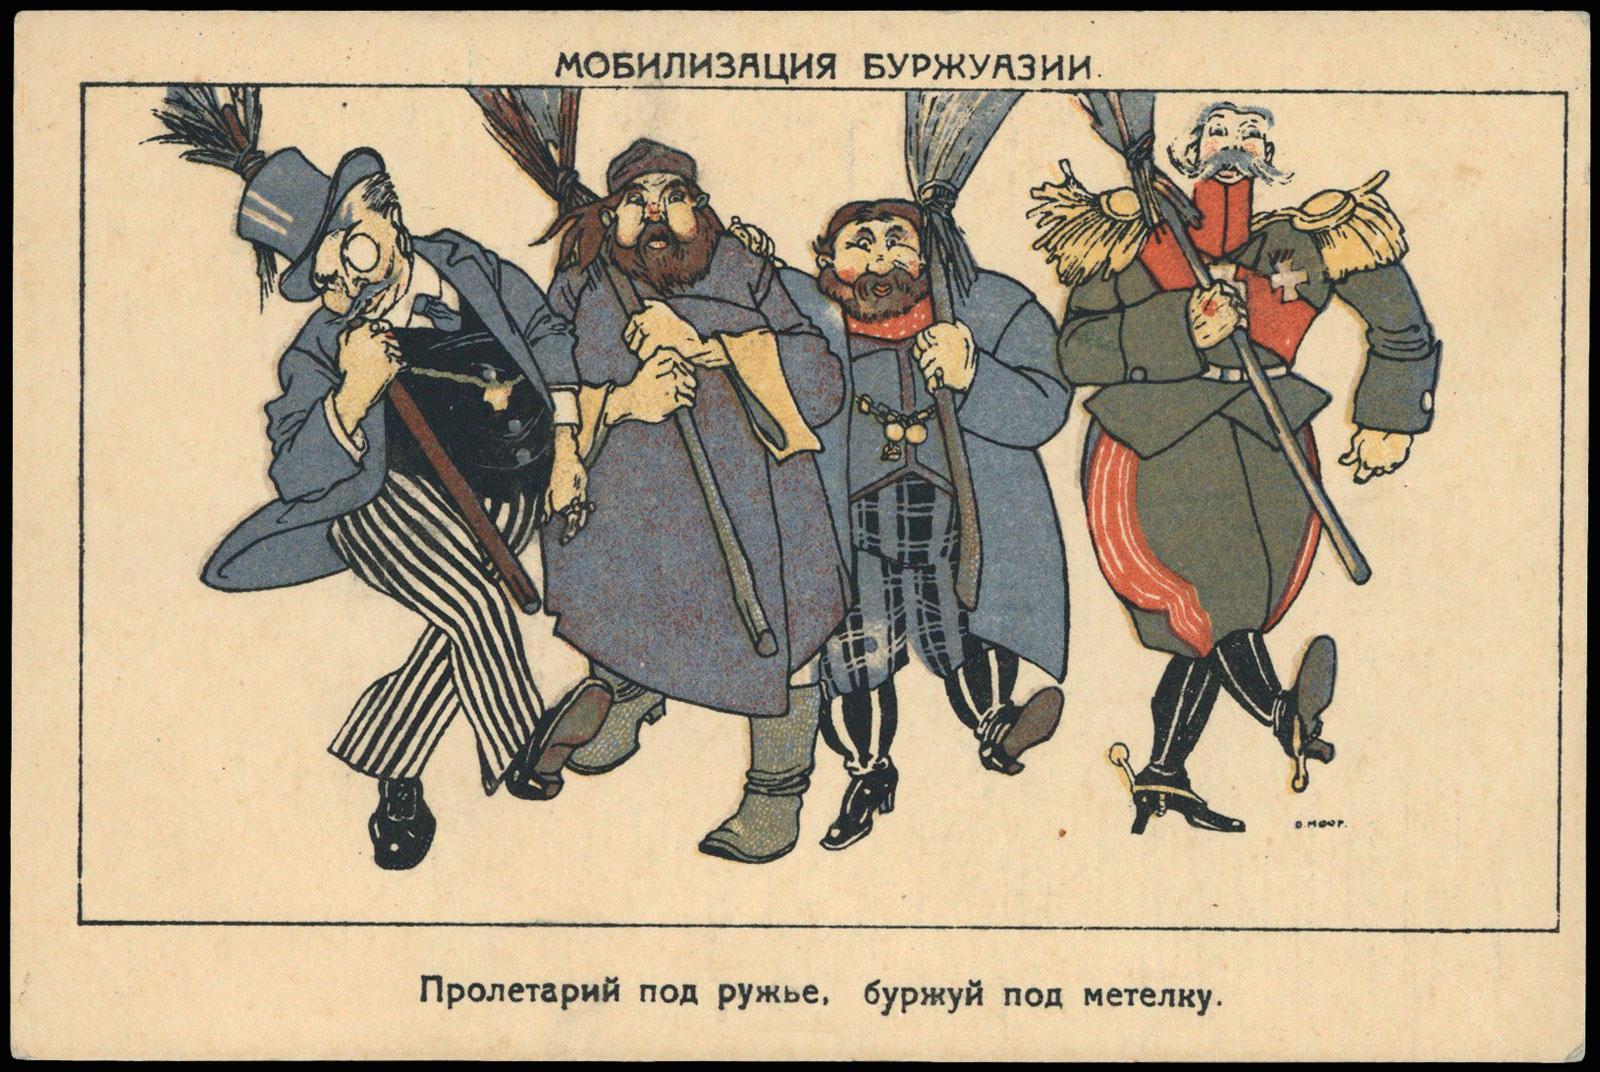 14. Мобилизация буржуазии